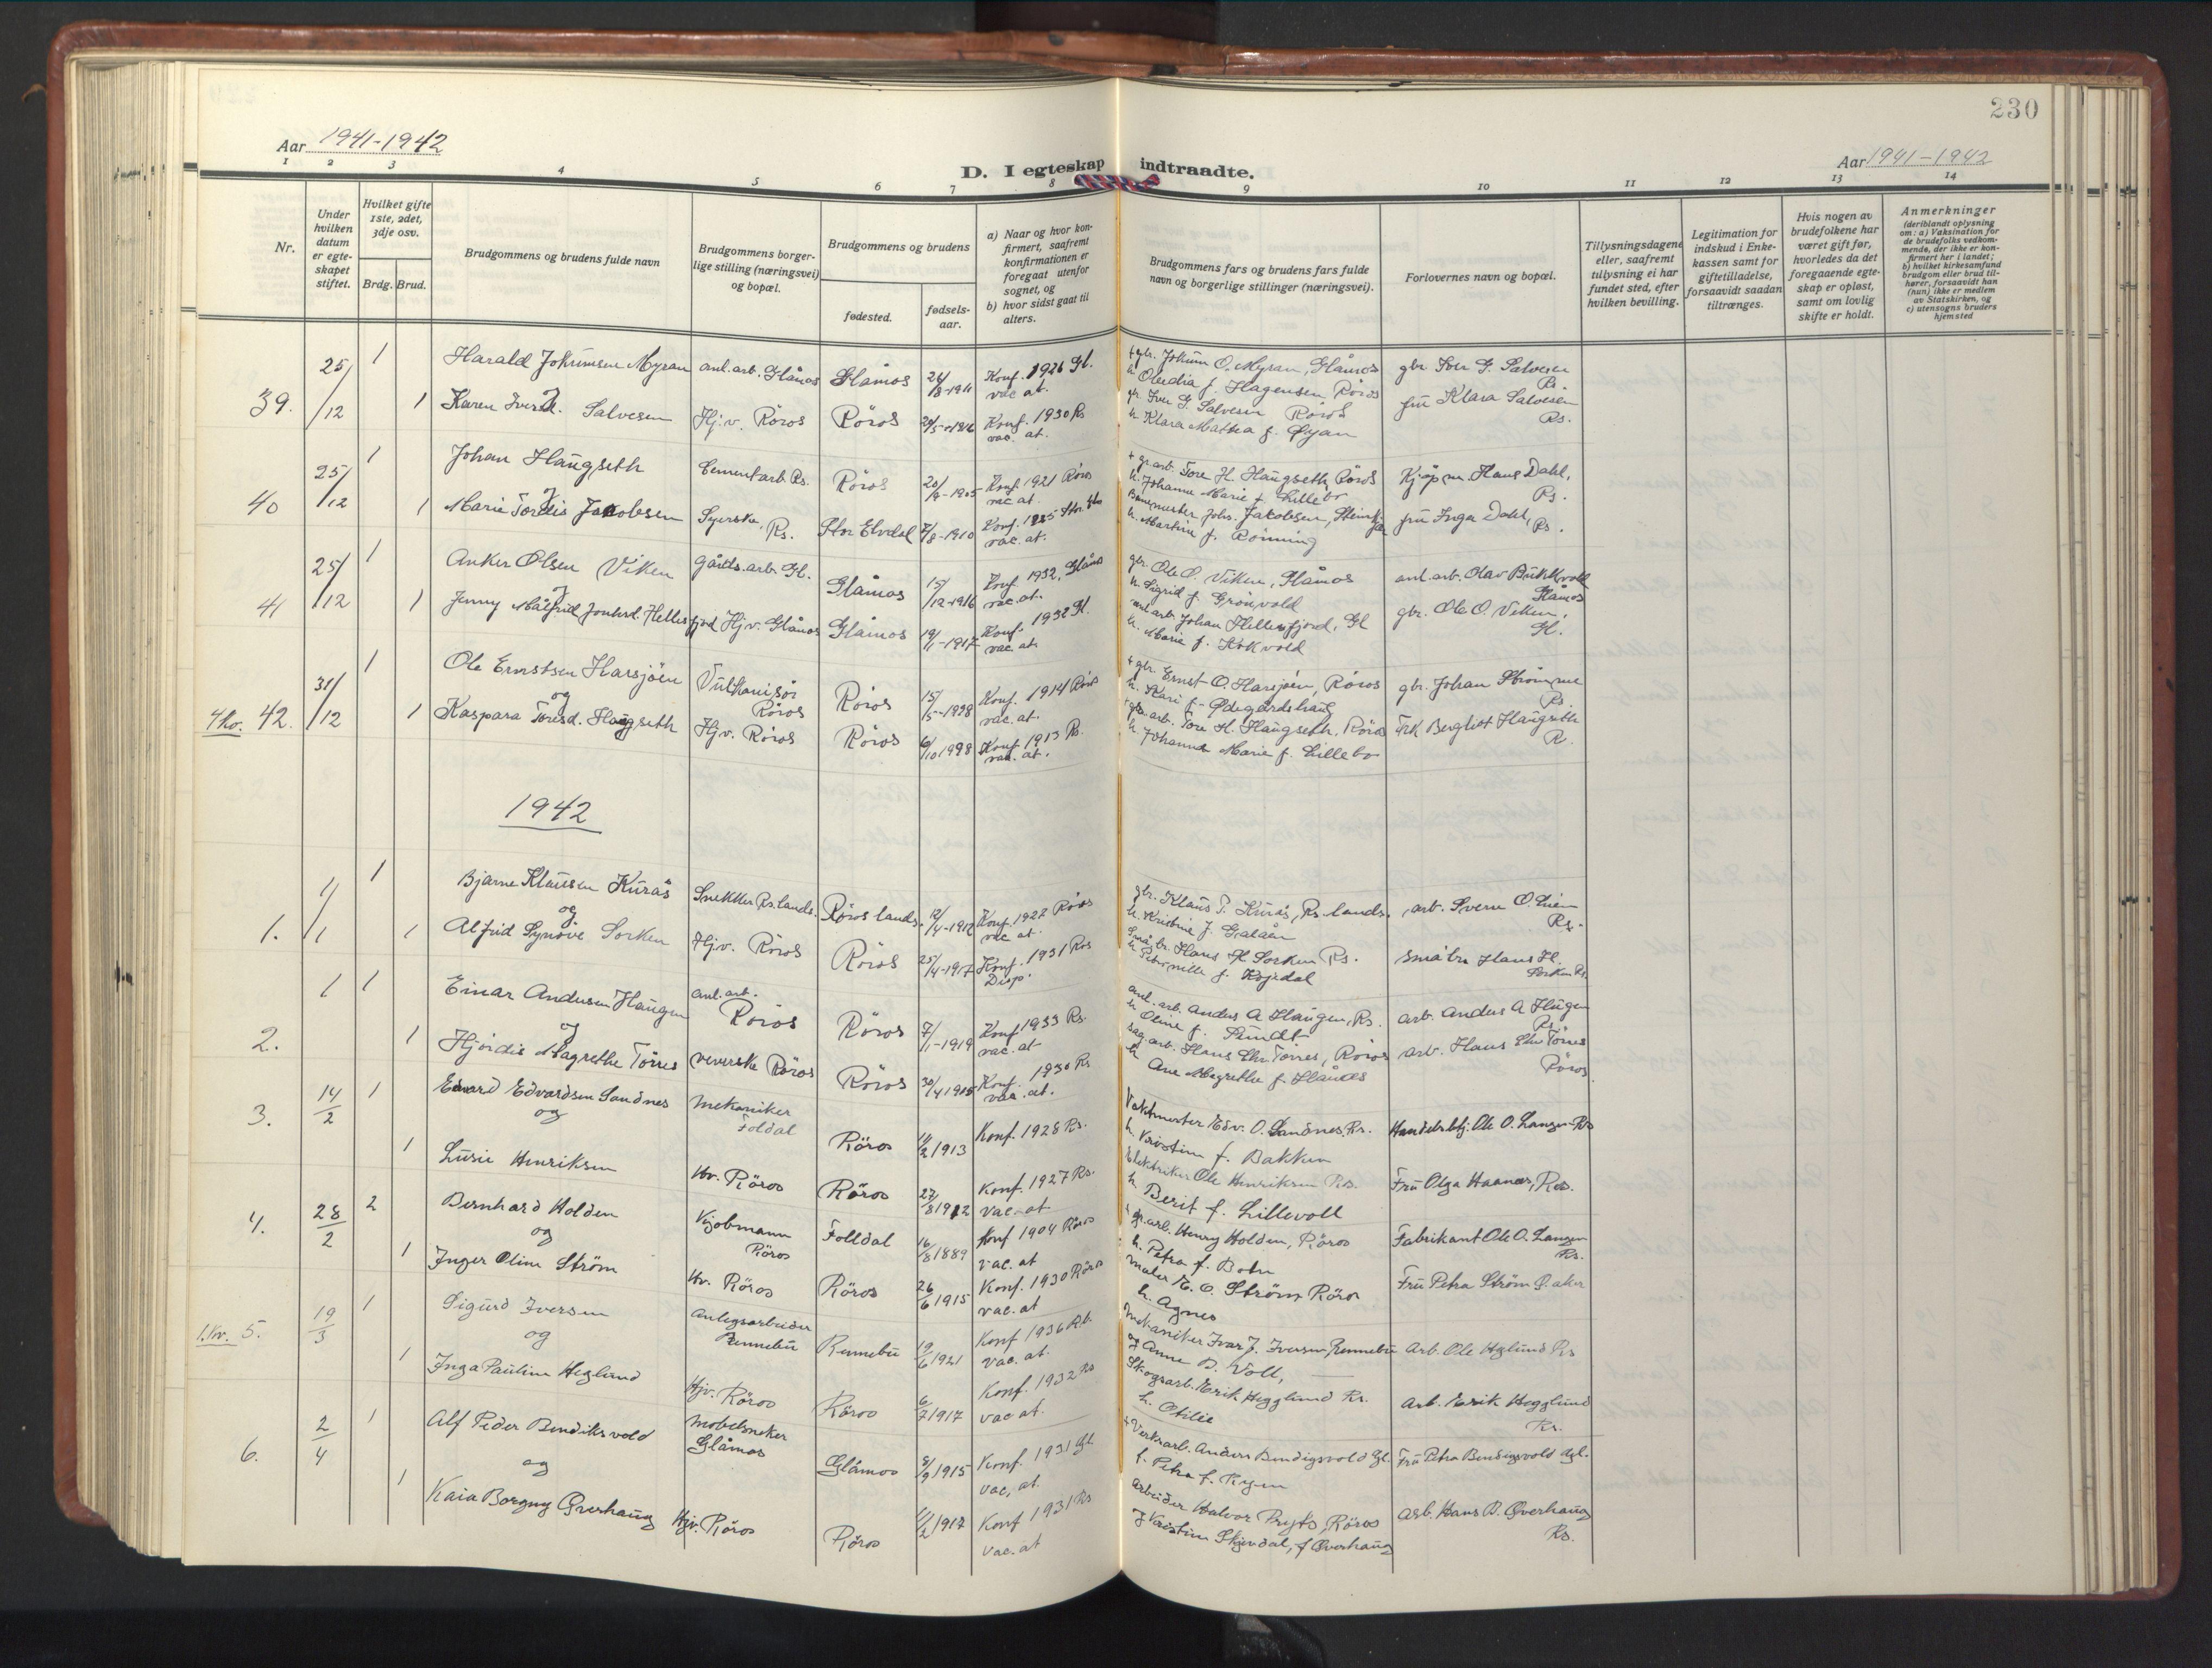 SAT, Ministerialprotokoller, klokkerbøker og fødselsregistre - Sør-Trøndelag, 681/L0943: Klokkerbok nr. 681C07, 1926-1954, s. 230